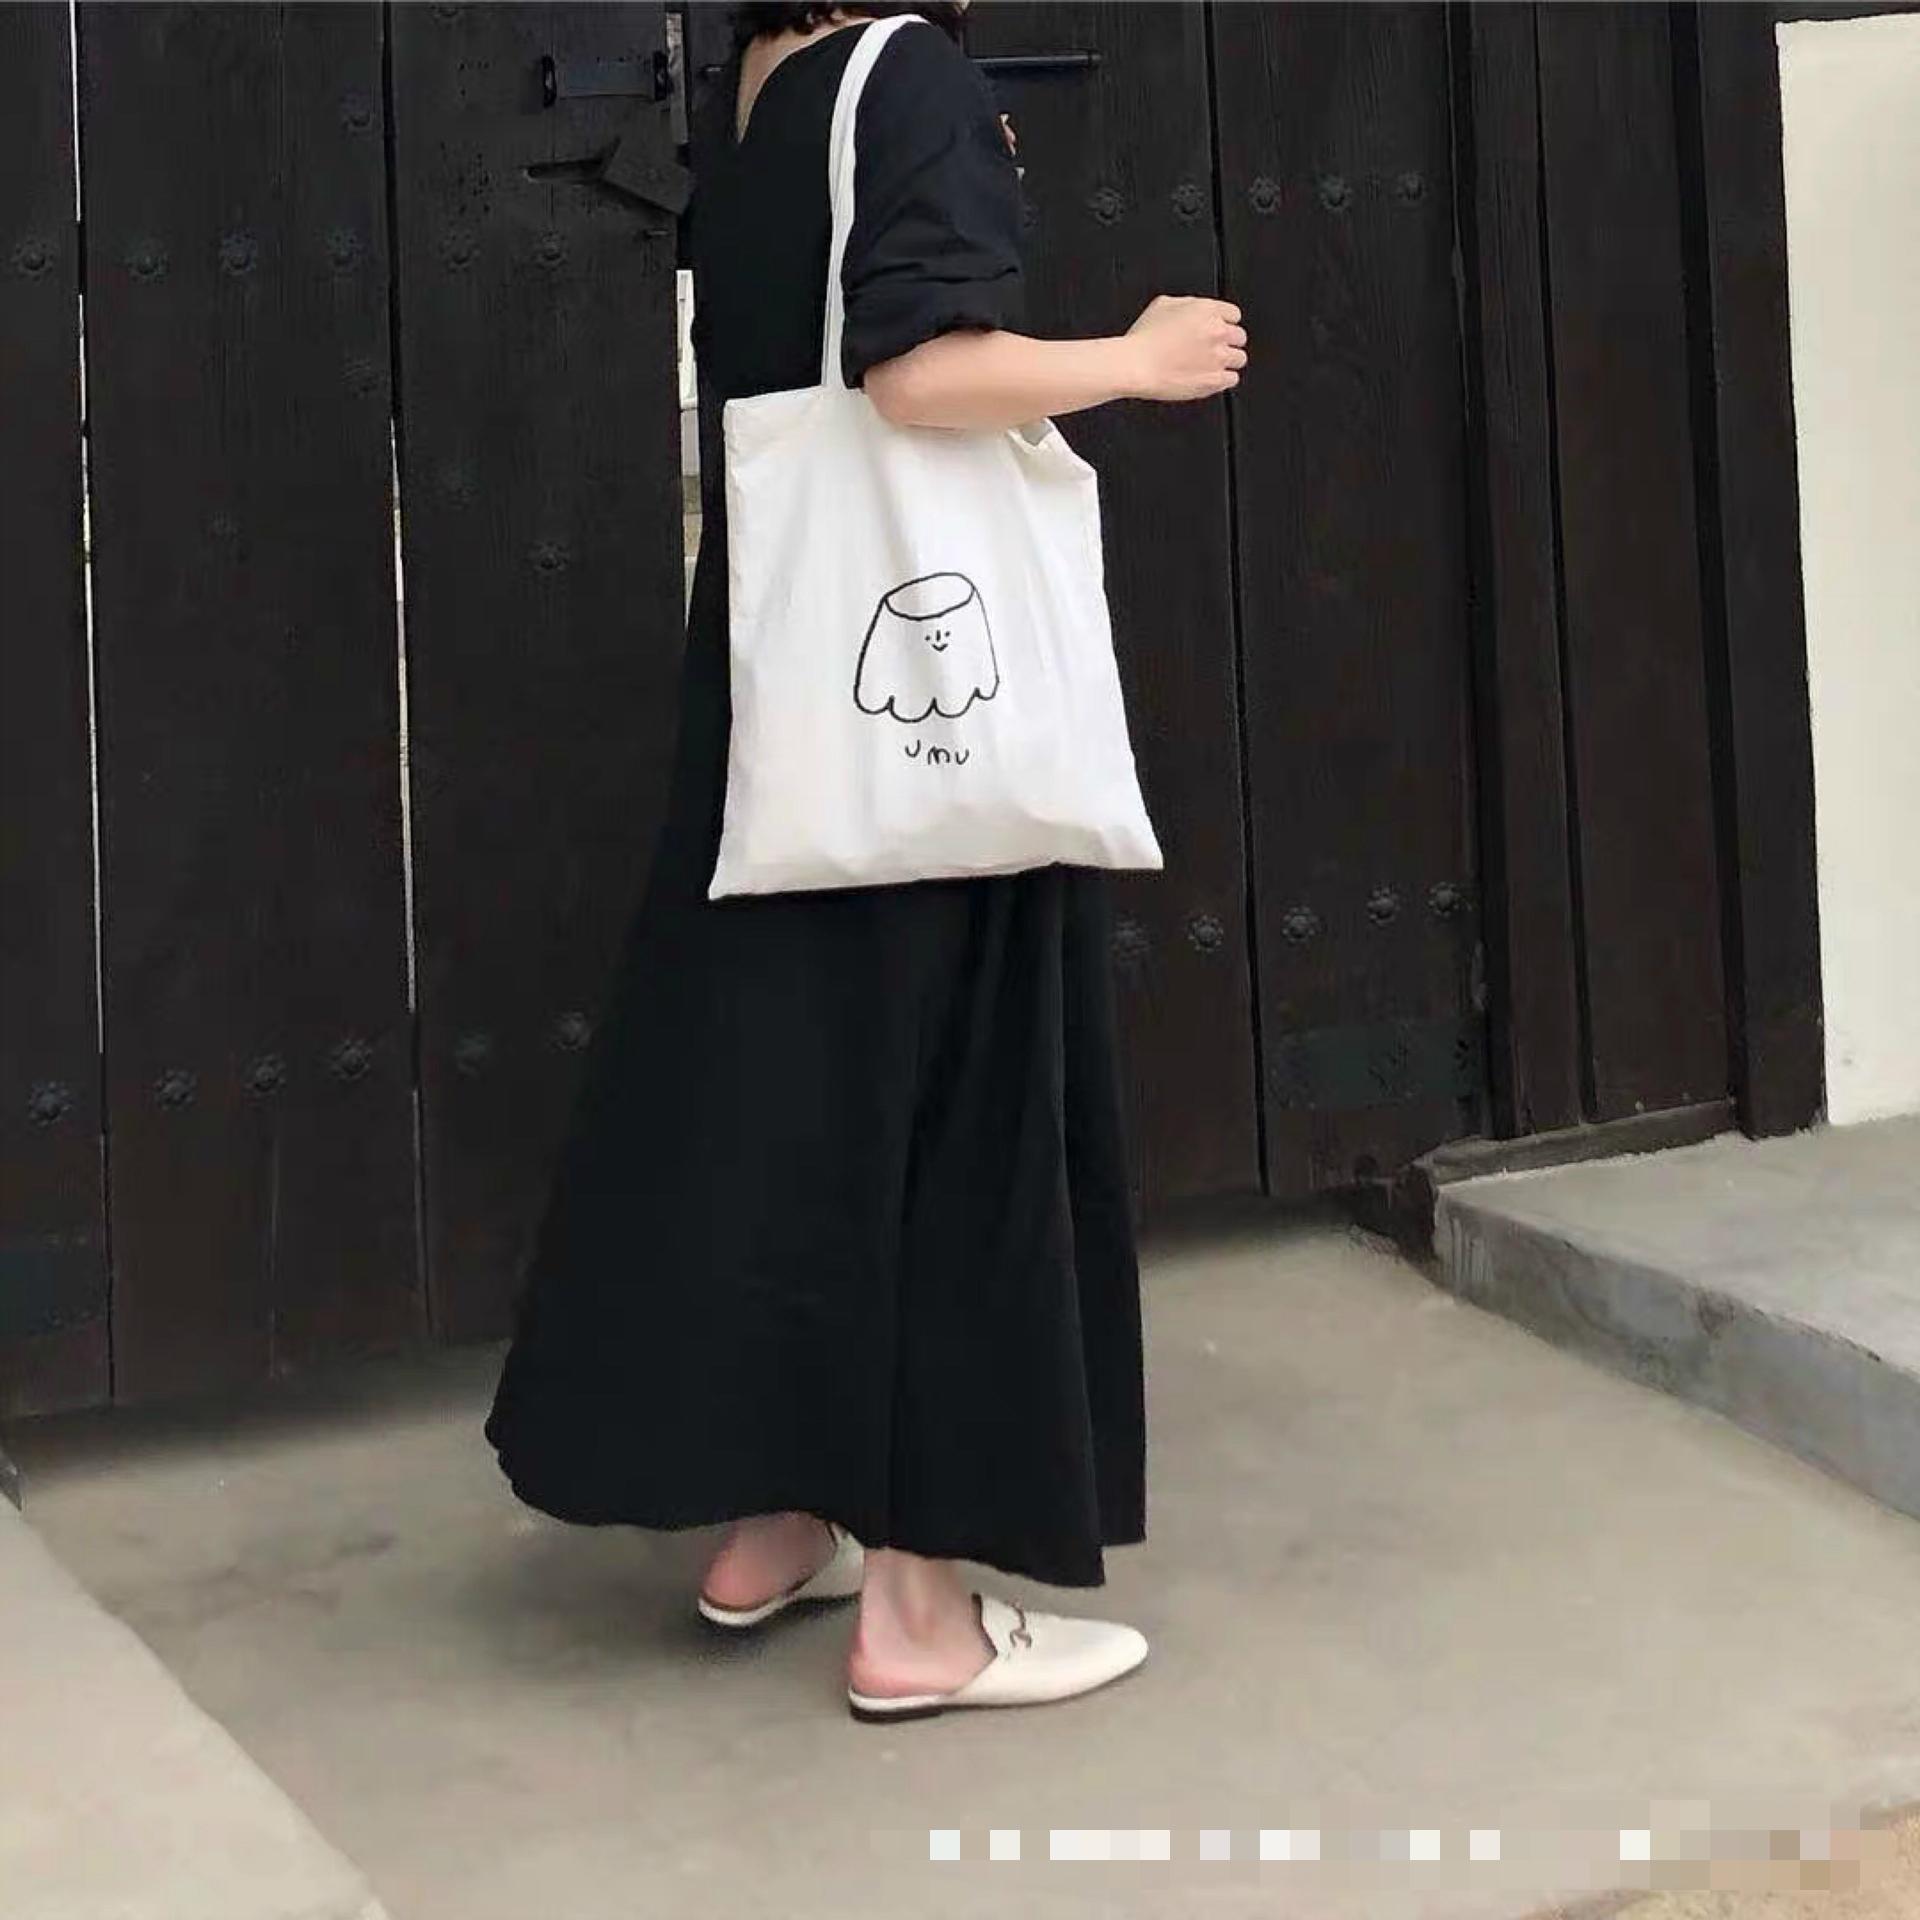 عارضة القطن التسوق السفر النساء reusable الكتف أكياس المتسوق حقيبة التسوق البيئي السيدات حمل حزمة حقيبة المتسوق BG6R